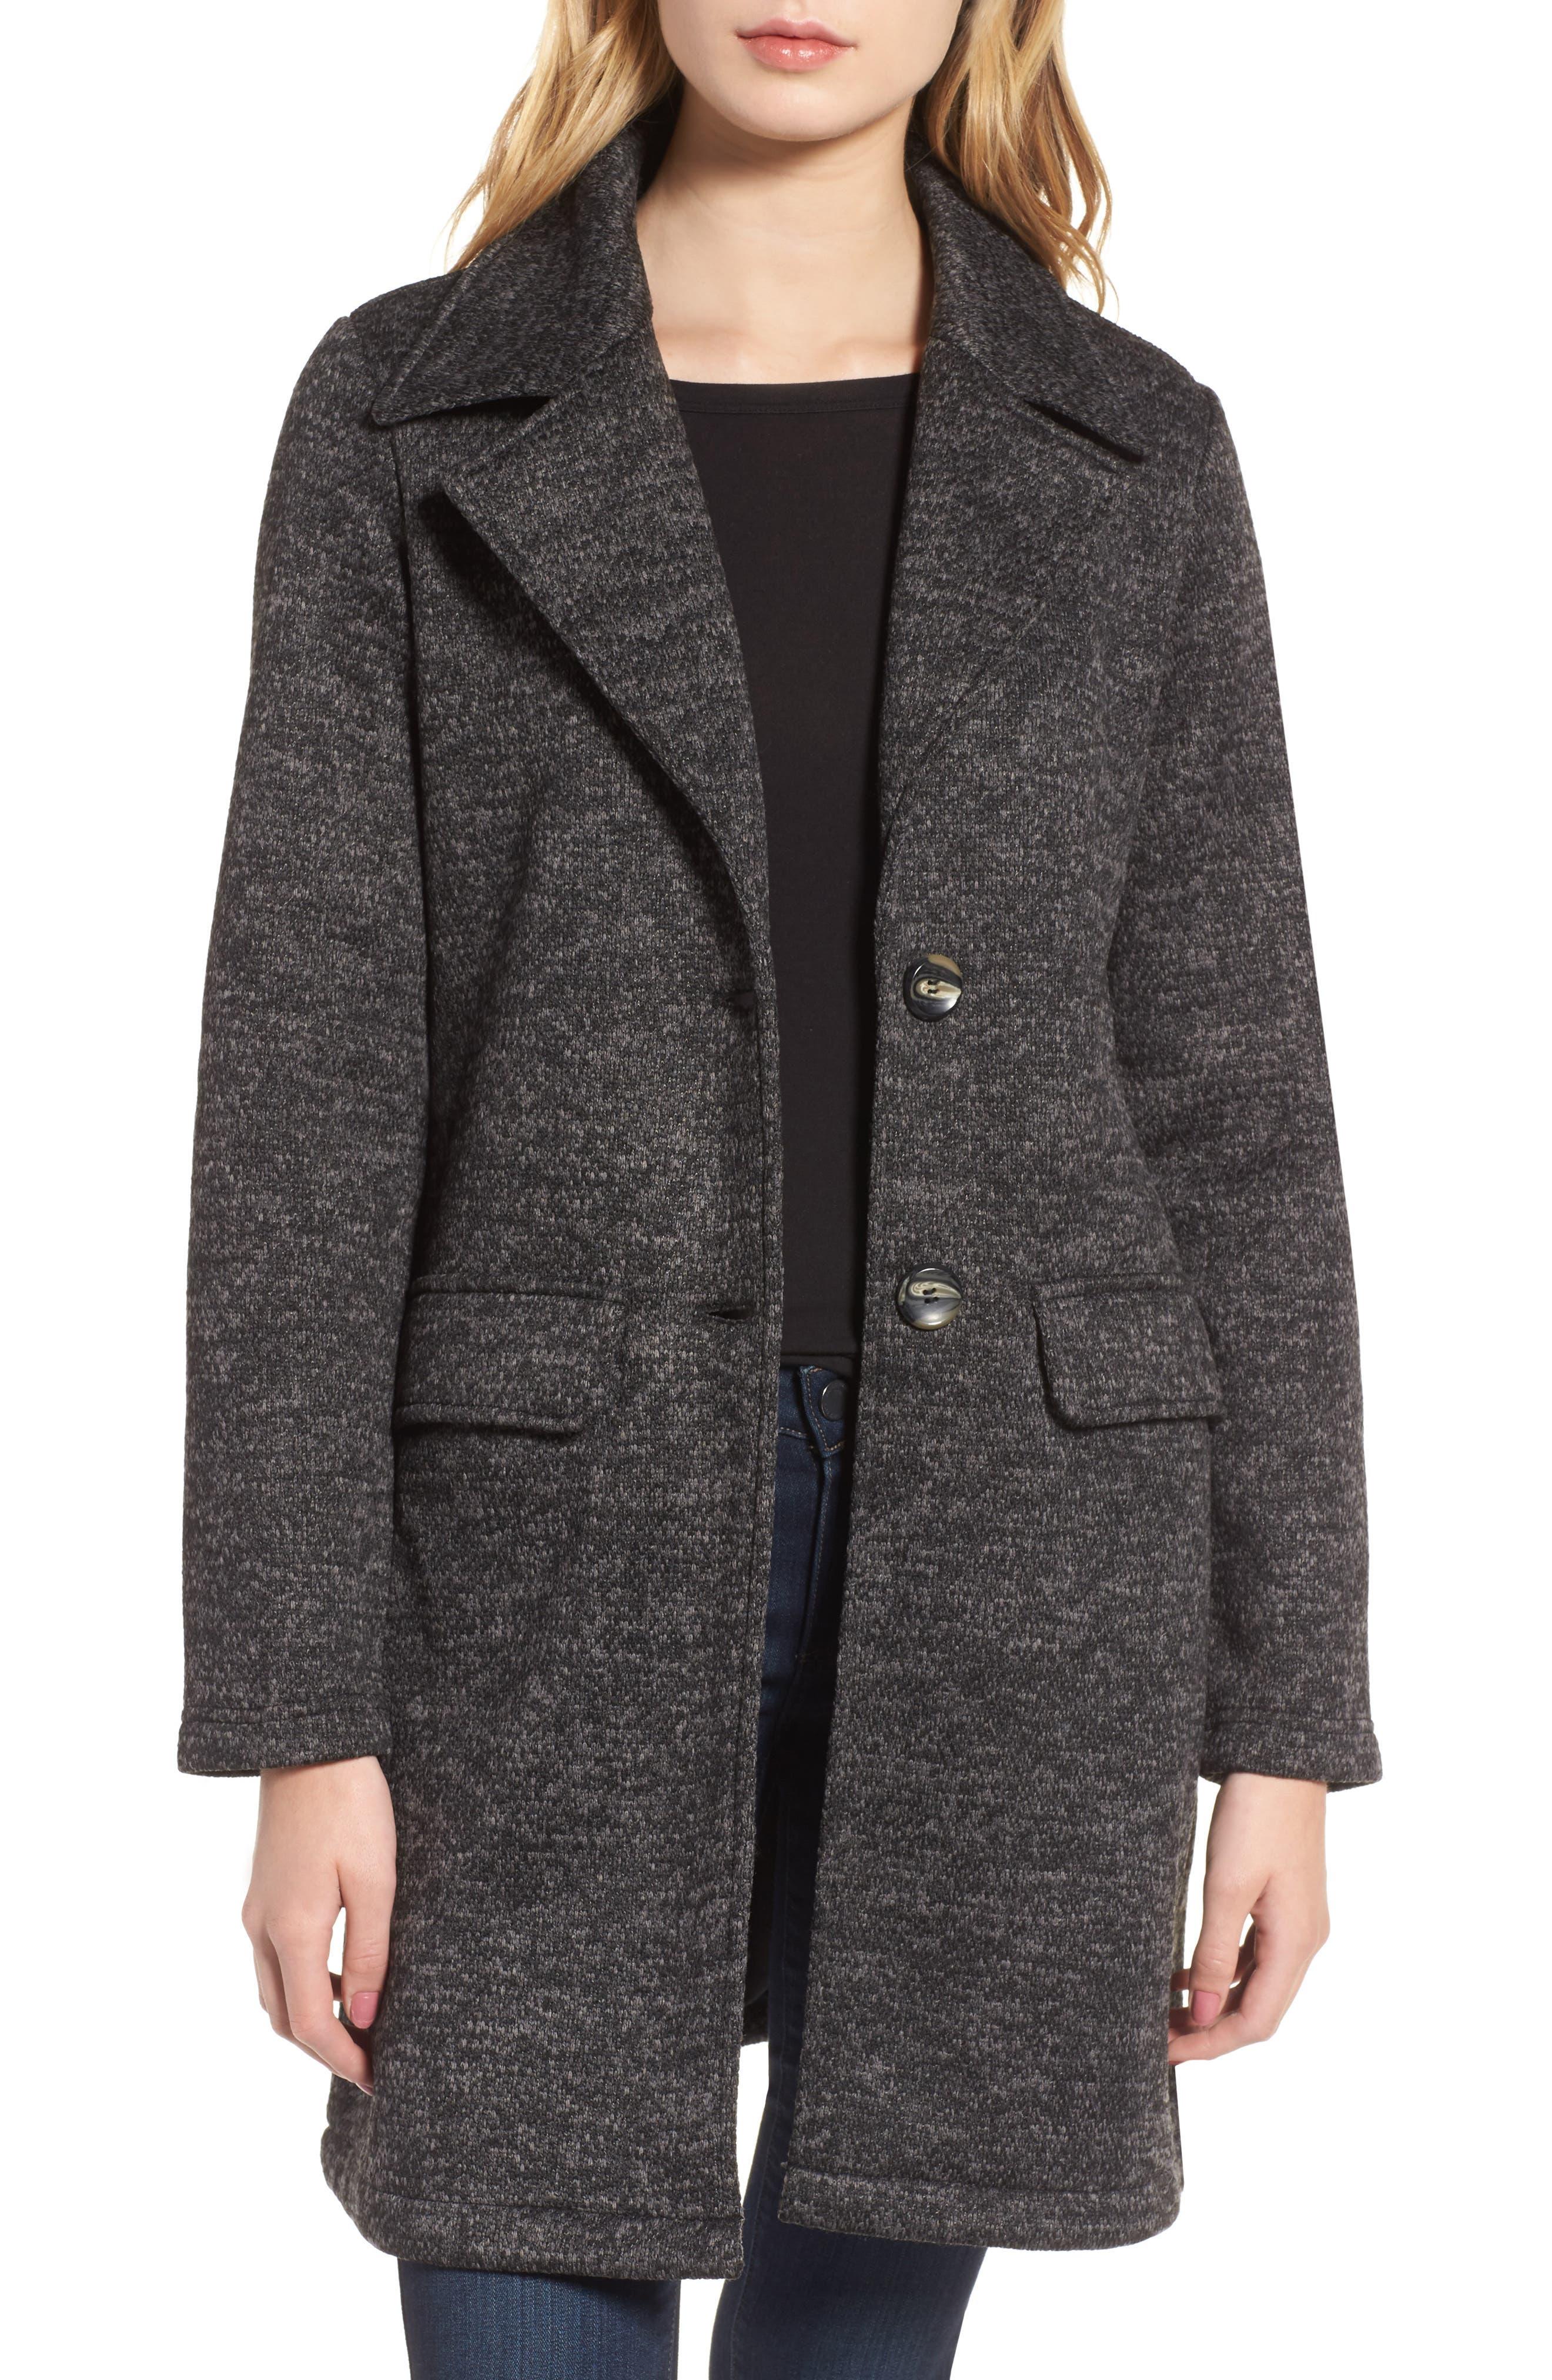 Main Image - Steve Madden Belted Fleece Jacket